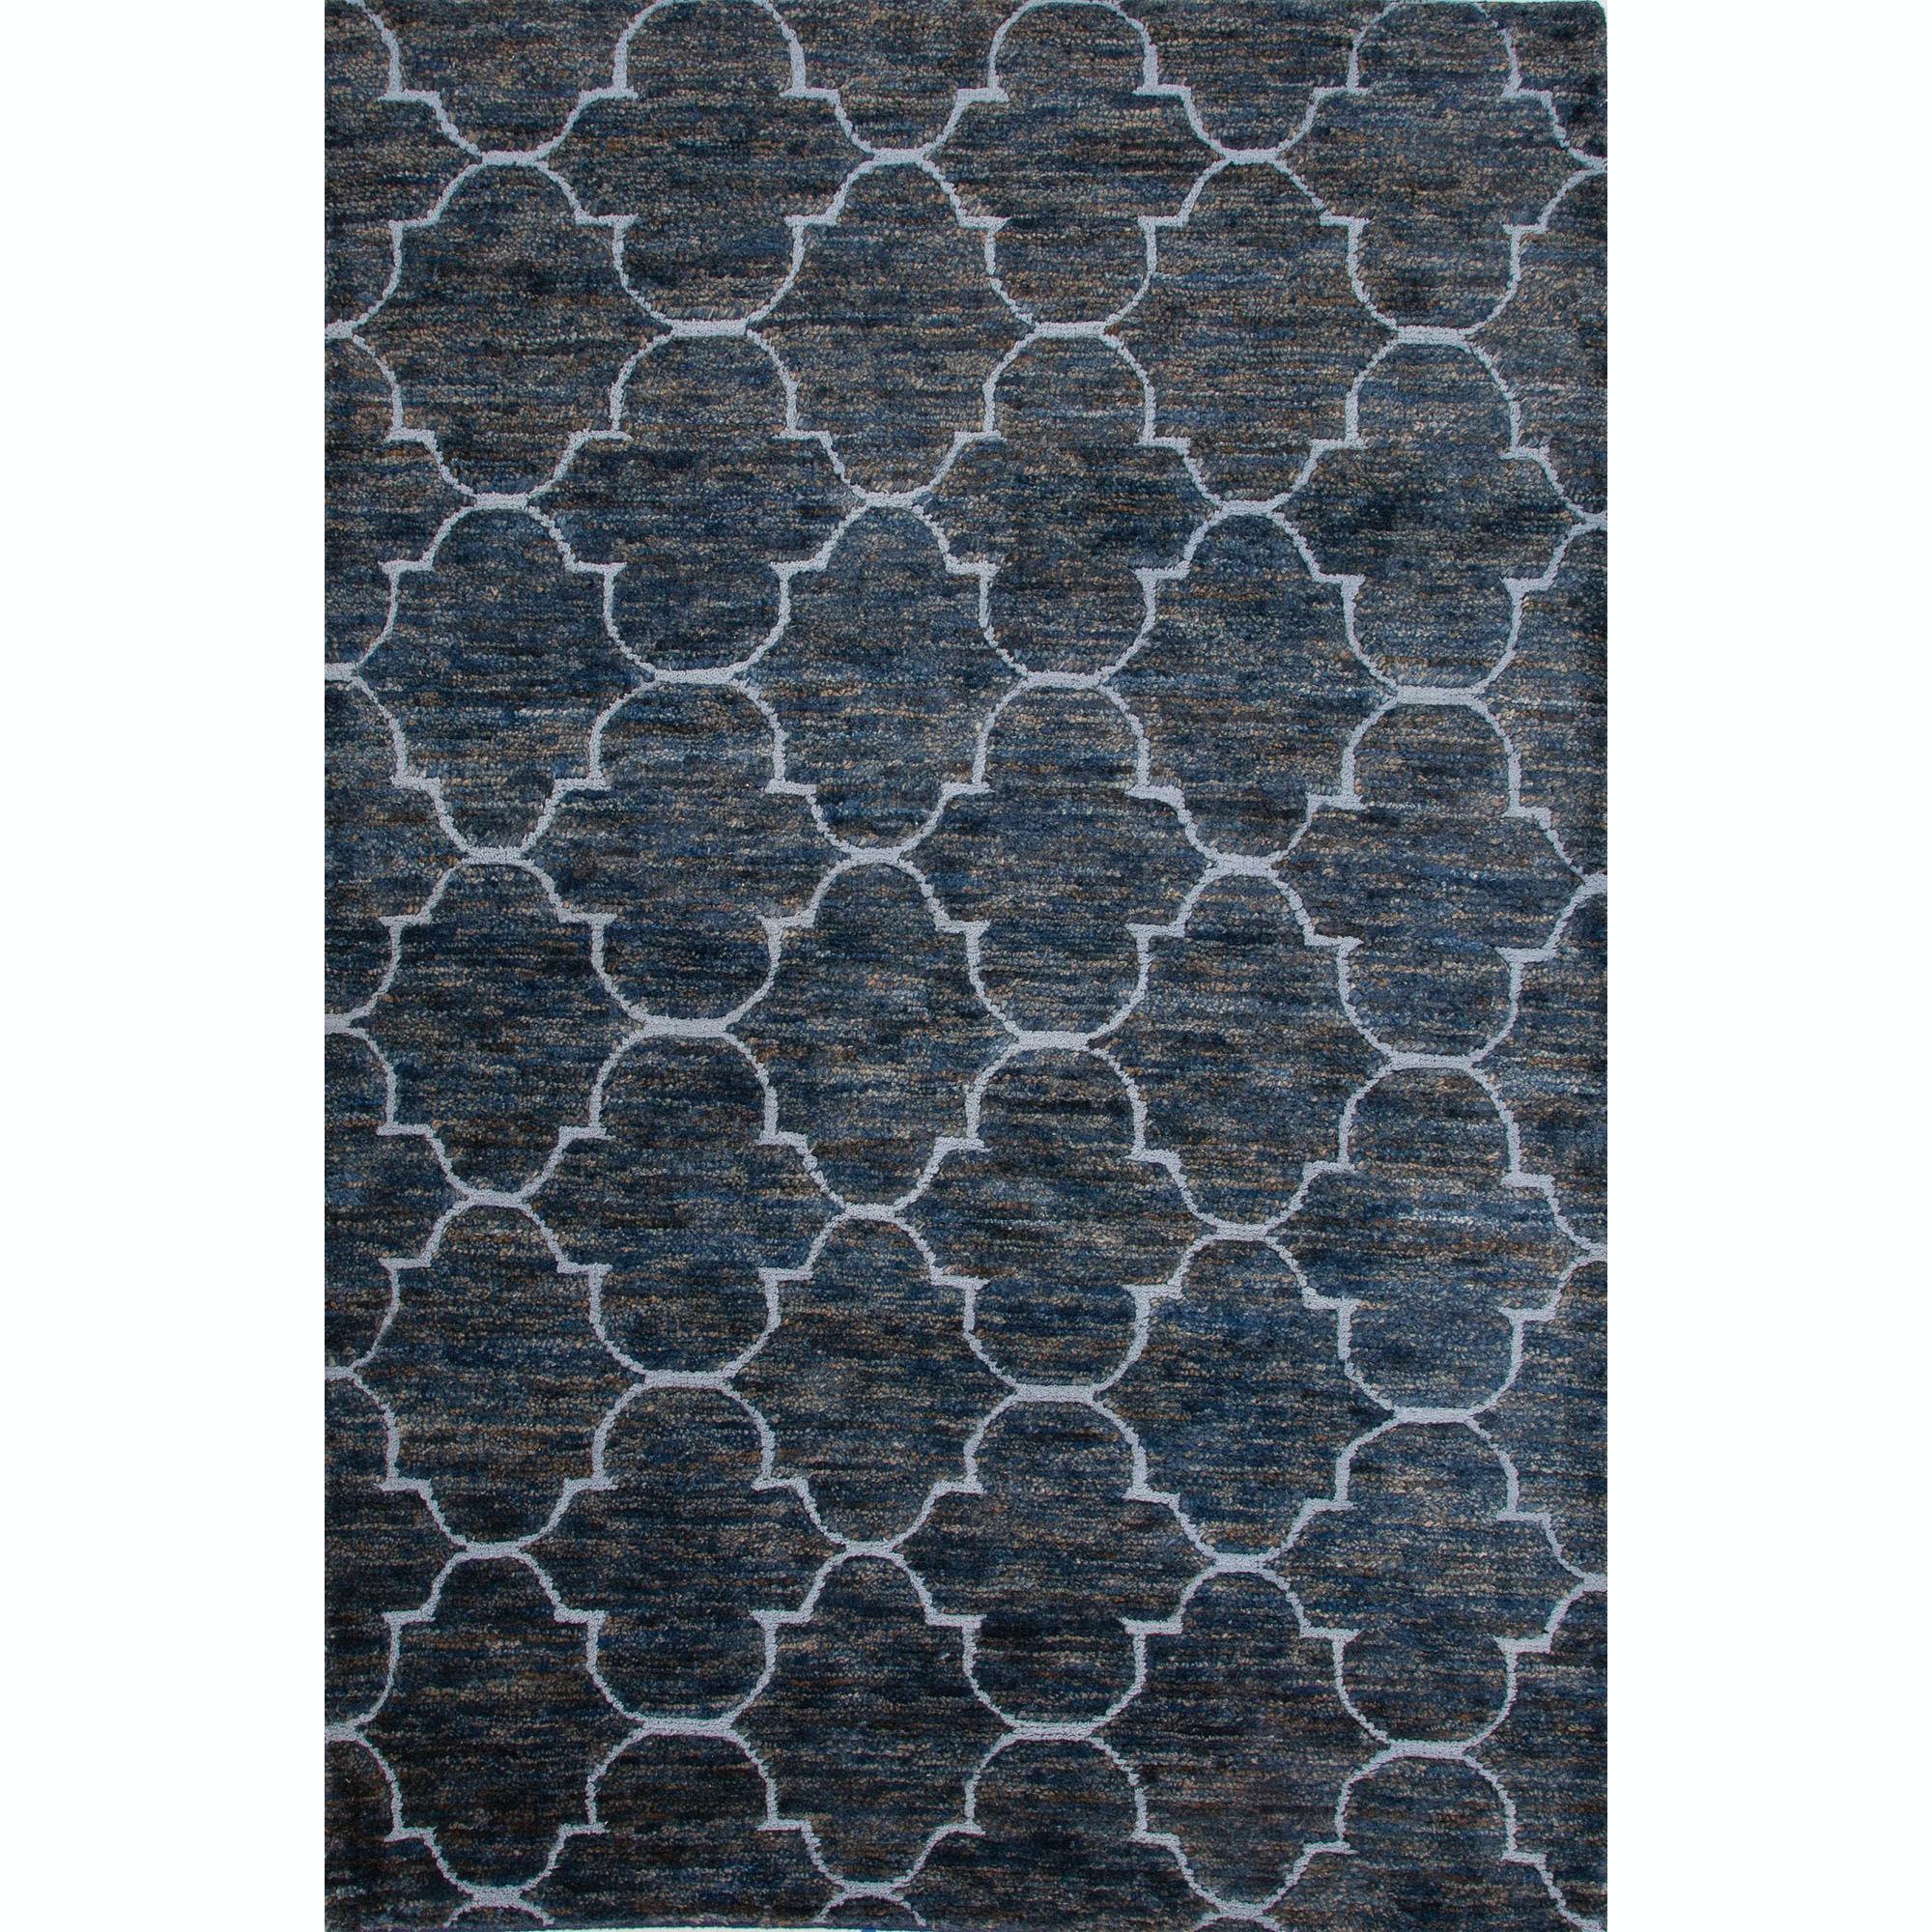 Floor Coverings Jaipur Naturals Moroccan Pattern Blue Jute Wool 2x3